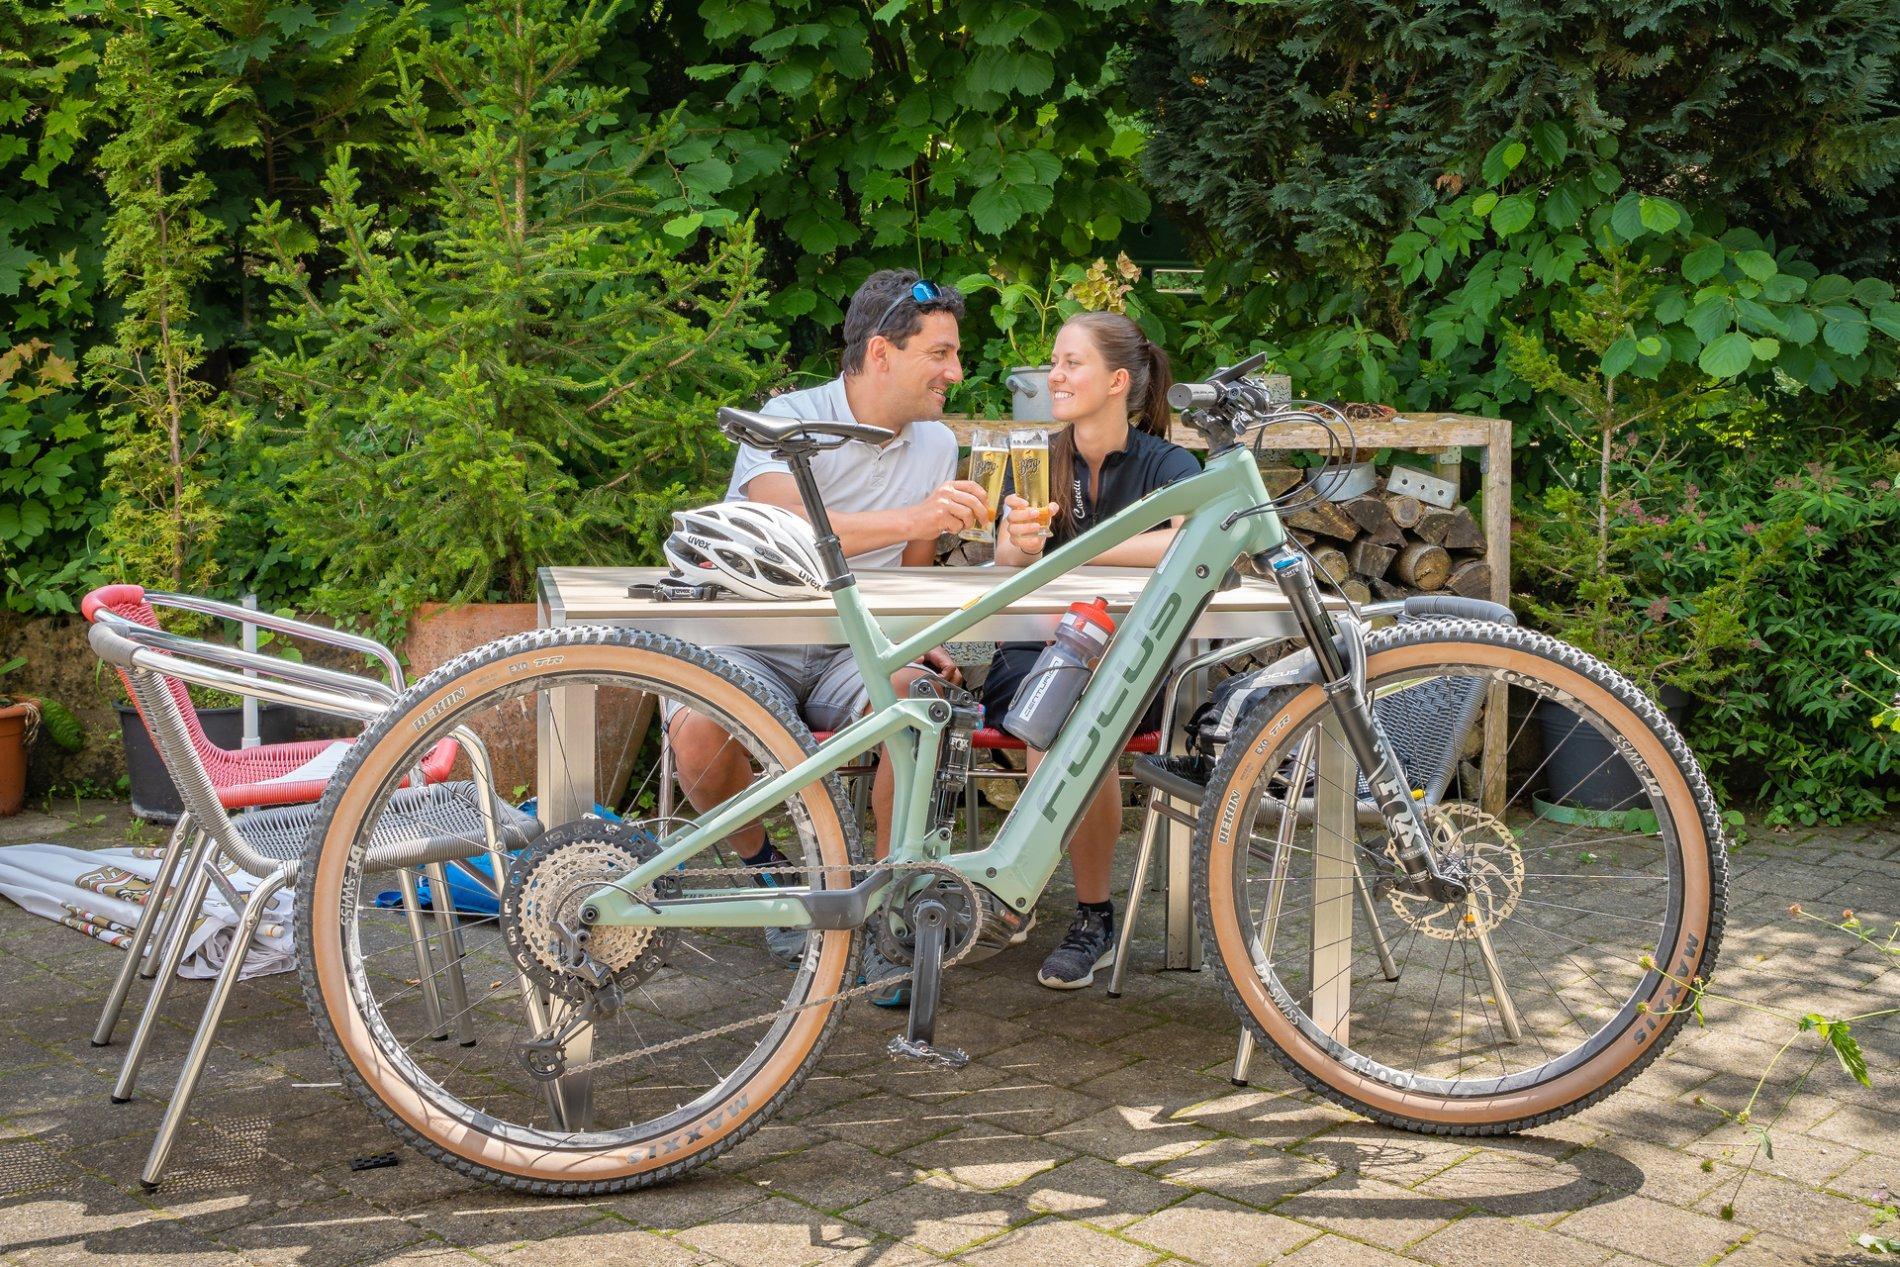 Drei Radfahrer*innen fahren auf einem Schotterweg in die Richtung eines Schilds, an dem mehrere Radwegweiser in alle möglichen Richtungen hängen. Es ist sonnig und warm.